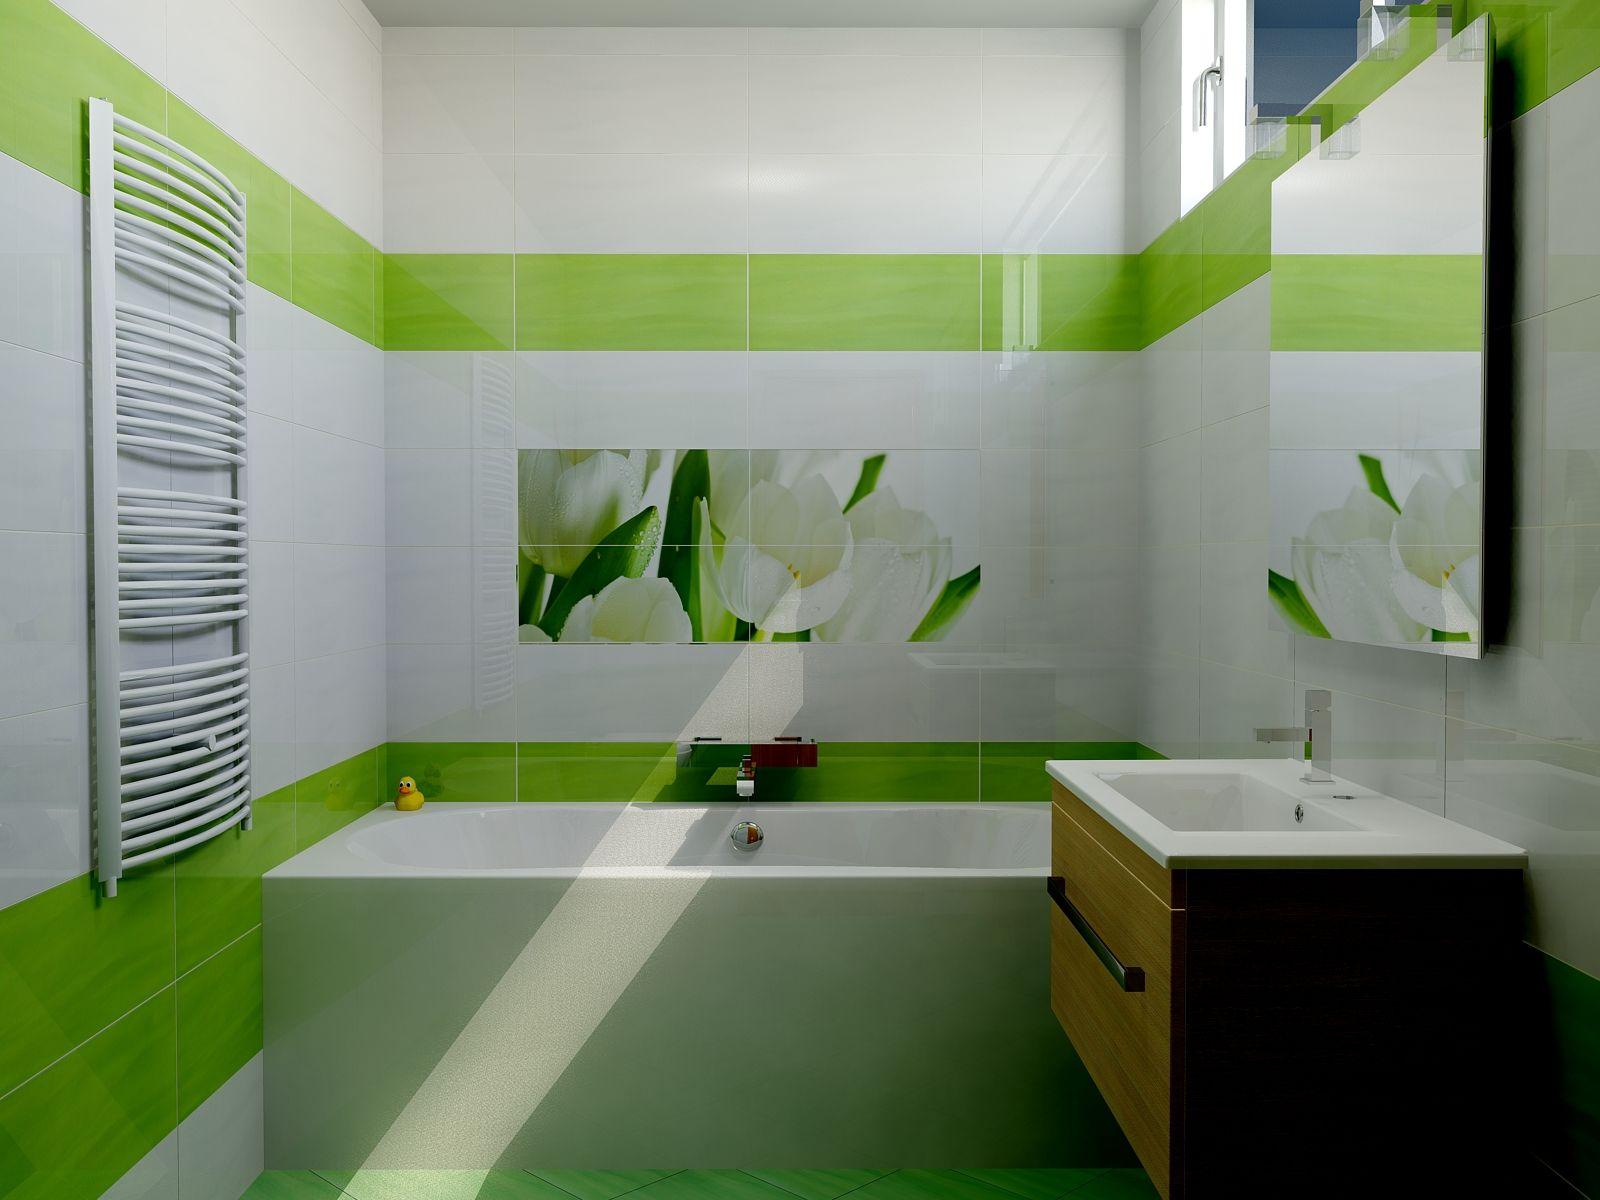 A fürdőszoba kis mérete miatt előnyös választás a Polcolorit Arco ...